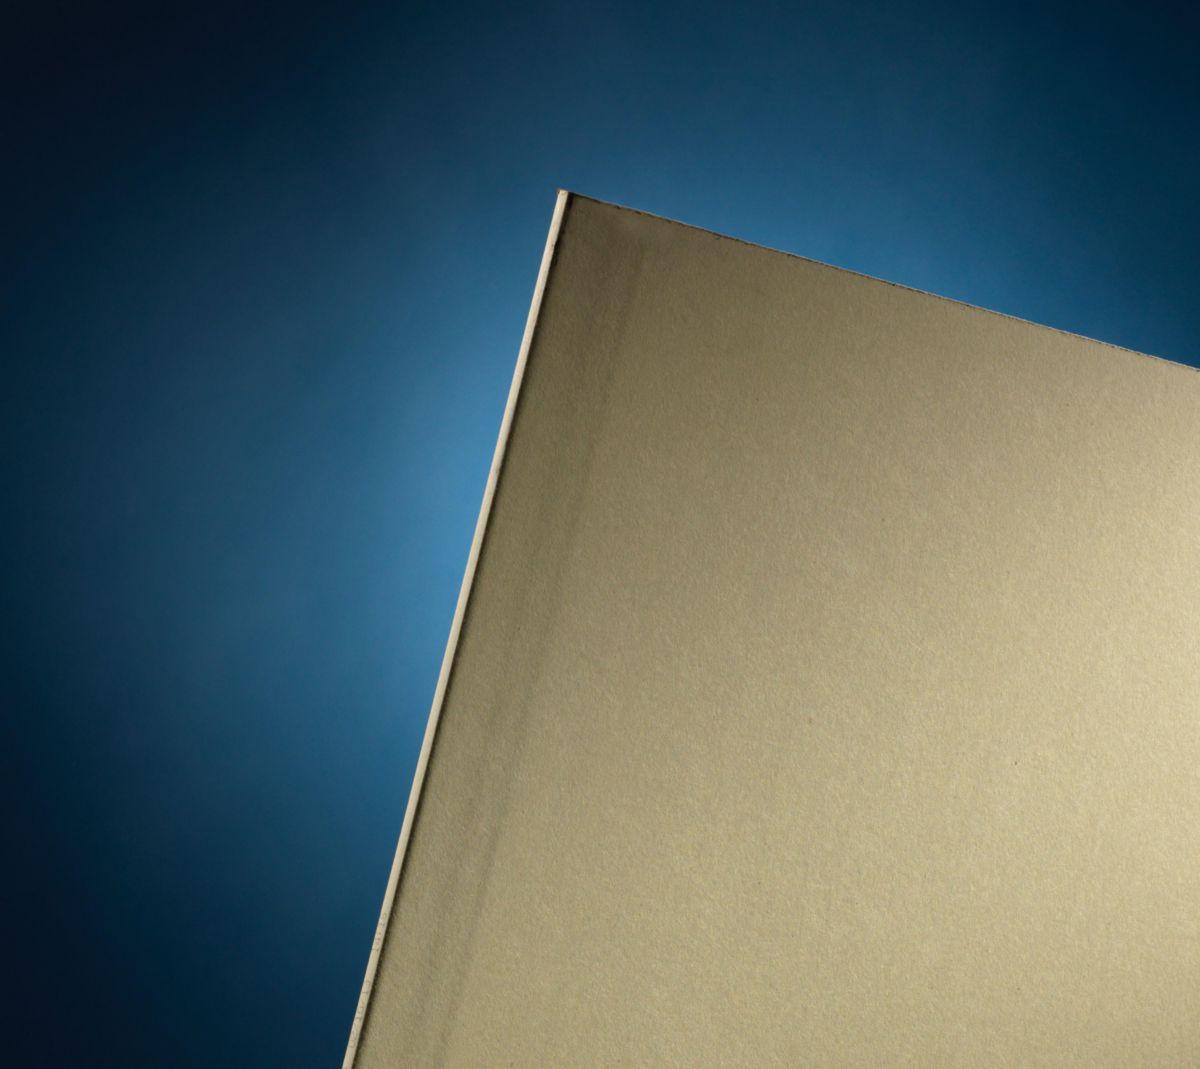 plaque de pl tre knauf ba18 haute duret de surface 3x1 2. Black Bedroom Furniture Sets. Home Design Ideas